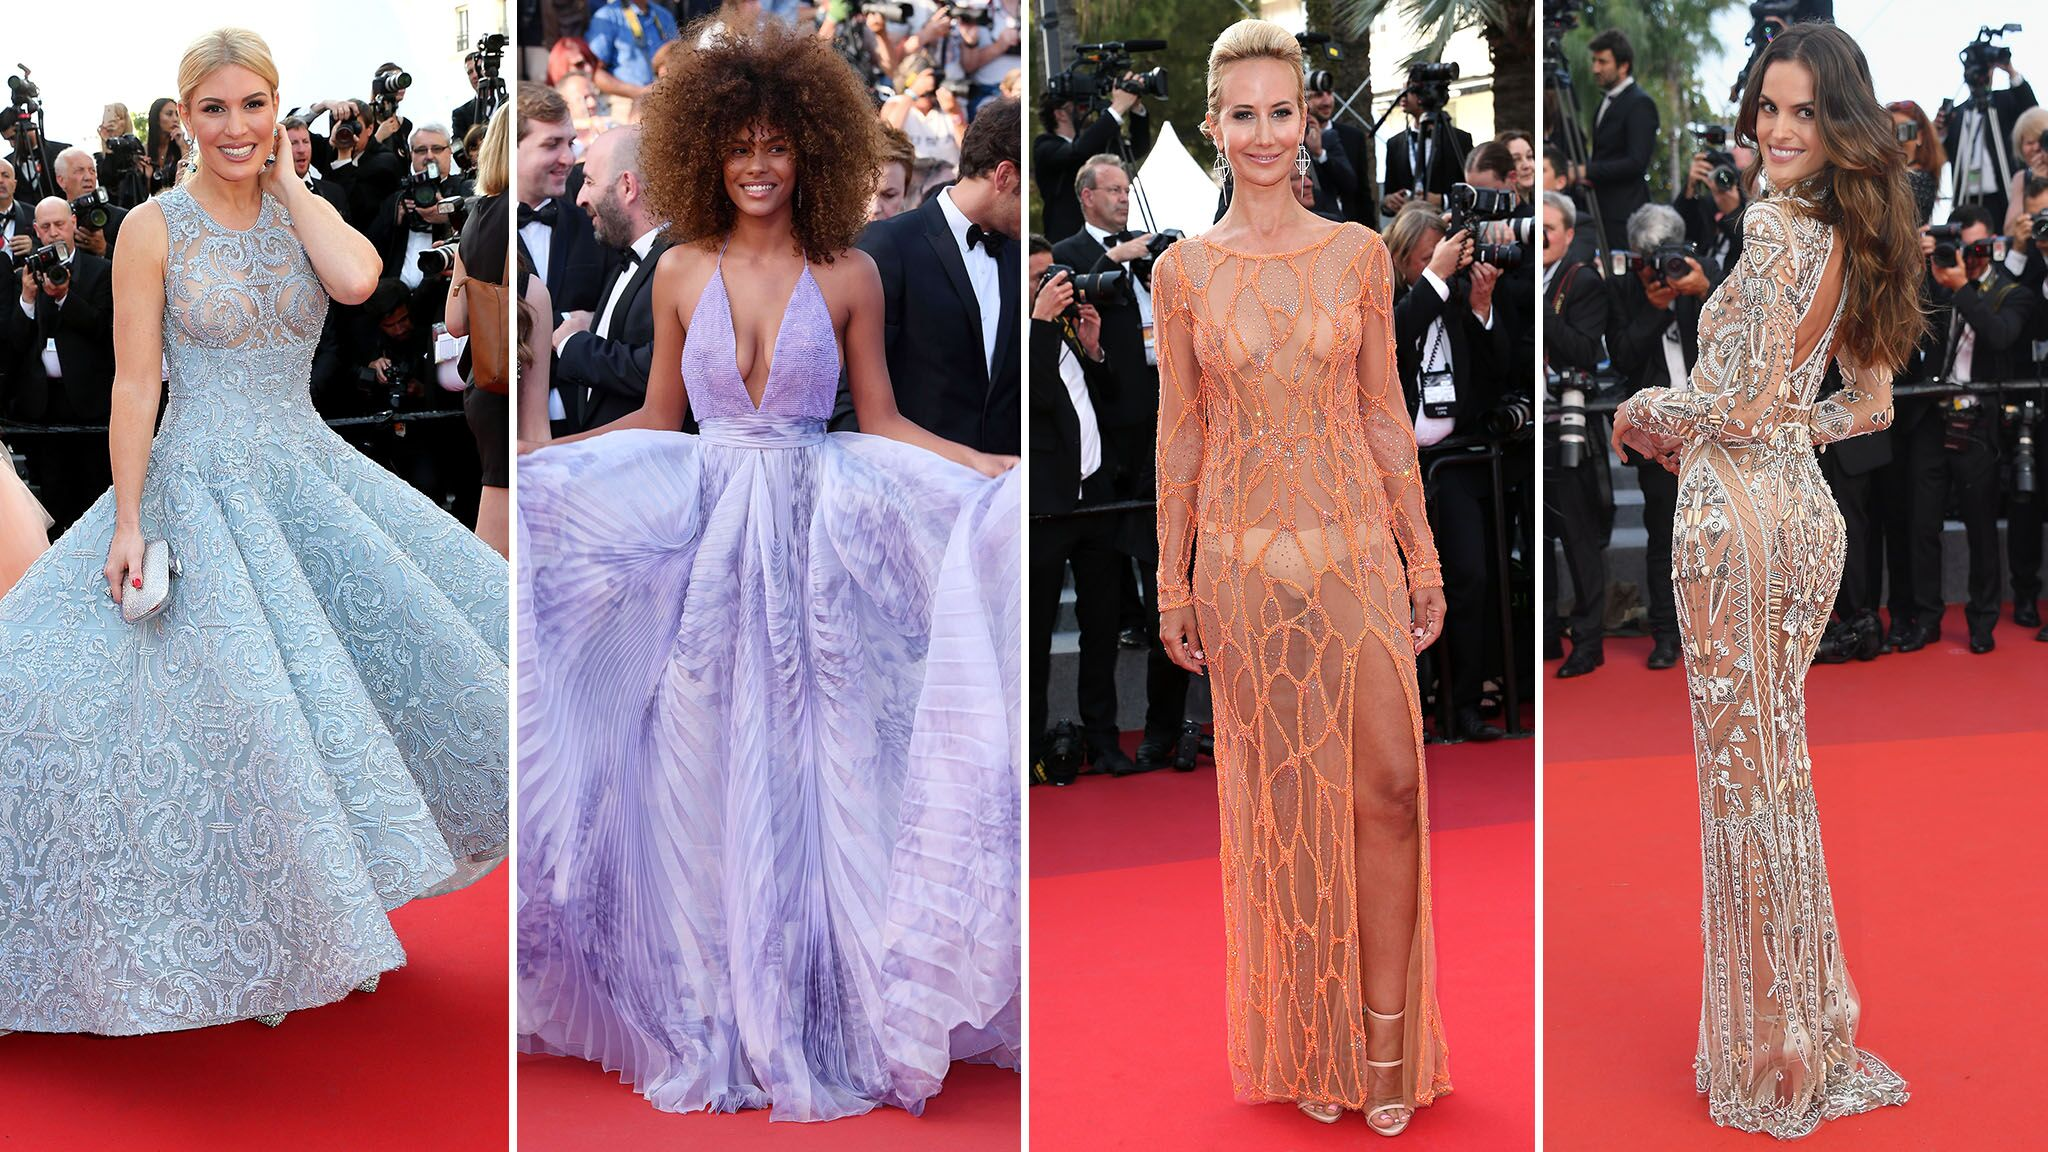 PHOTOS Cannes 2017 : Hofit Golan et Lady Victoria Hervey montrent leurs seins sur les marches